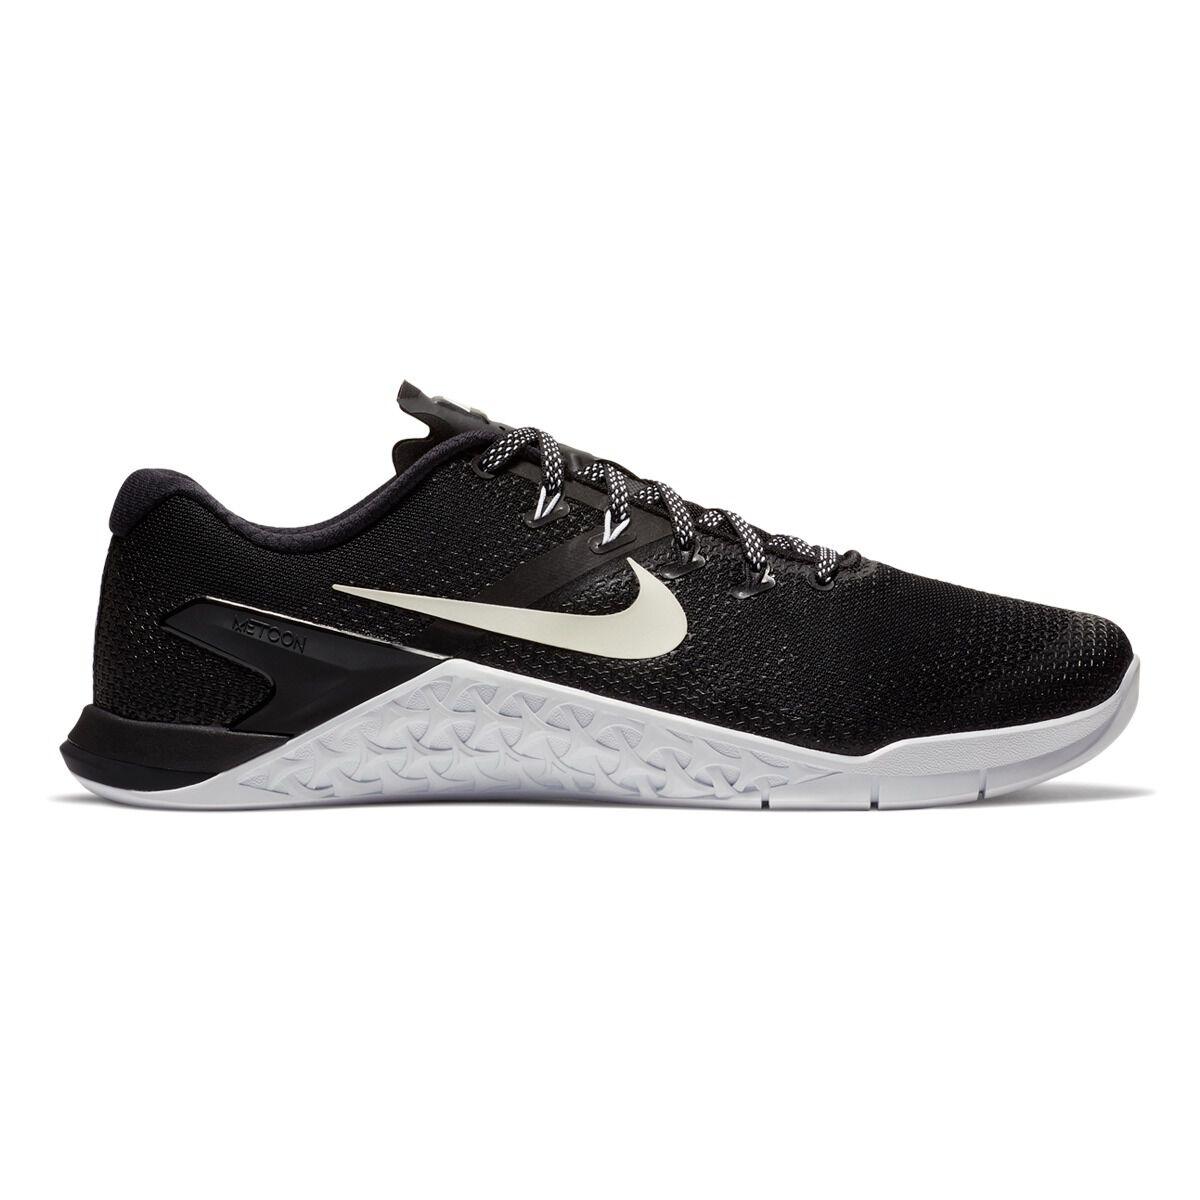 Nike Metcon 4 Mens Training Shoes Black White US 12